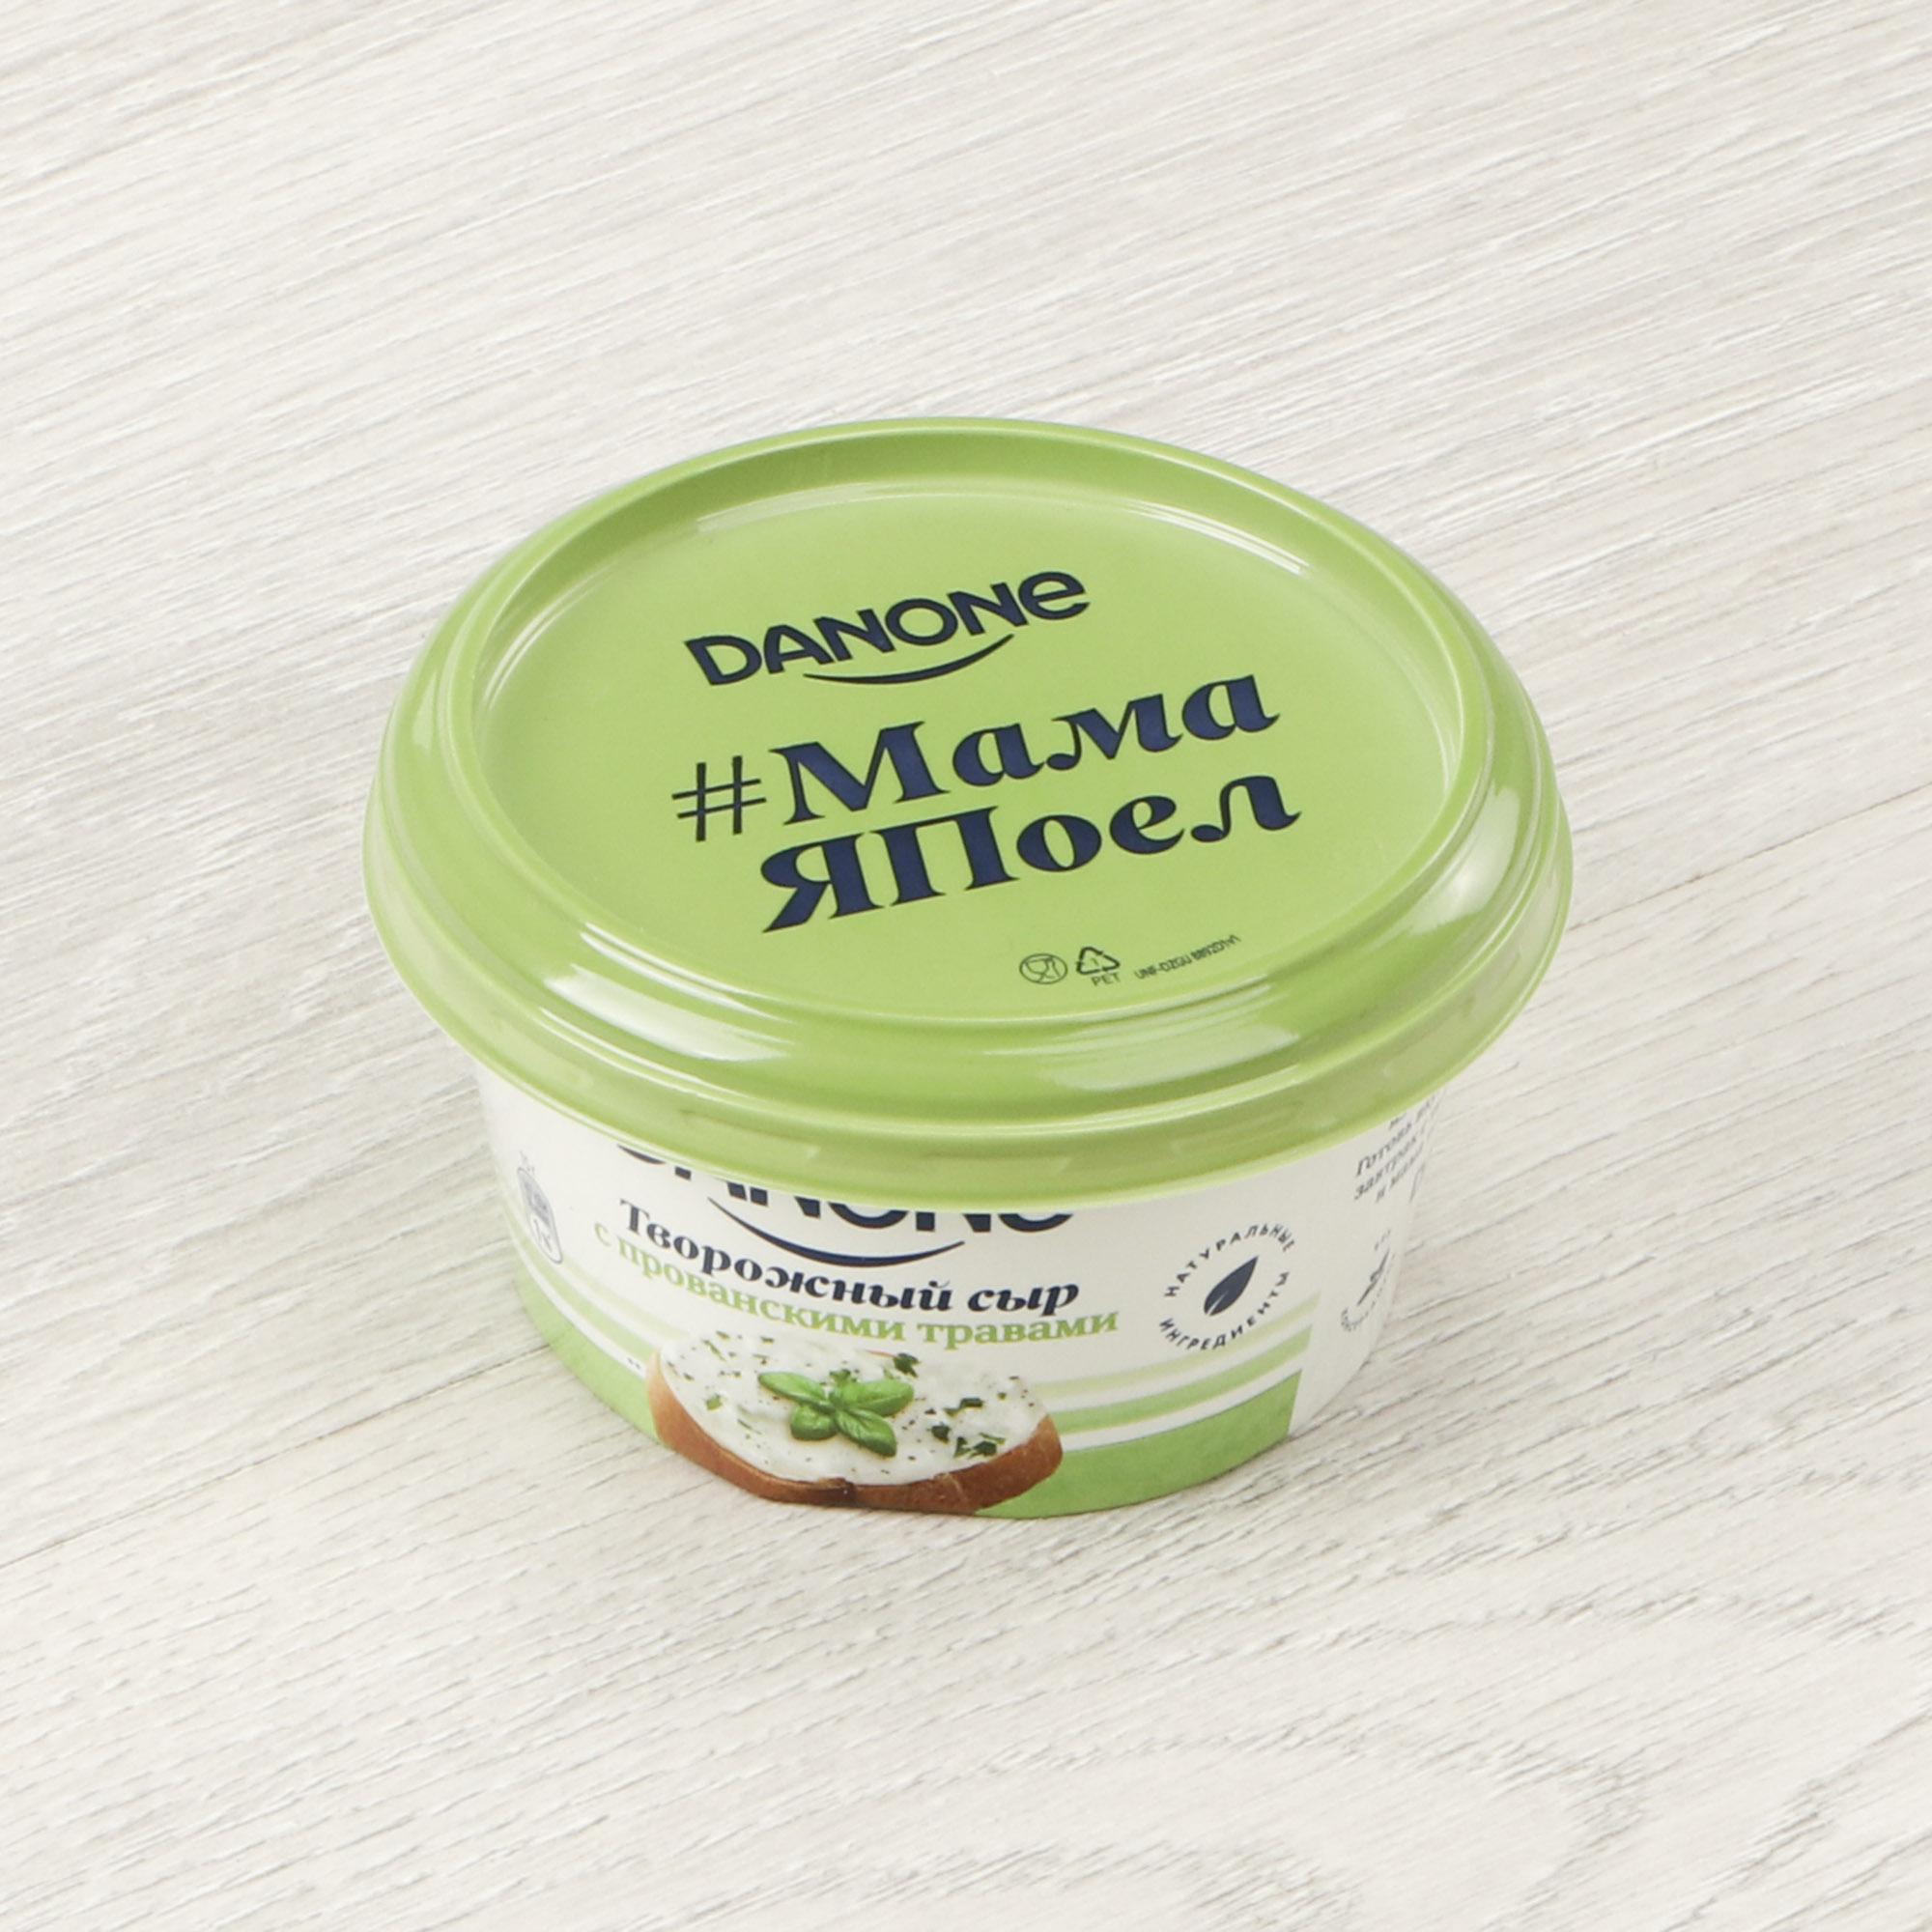 Сыр творожный Danone, с прованскими травами 60%, 140 г